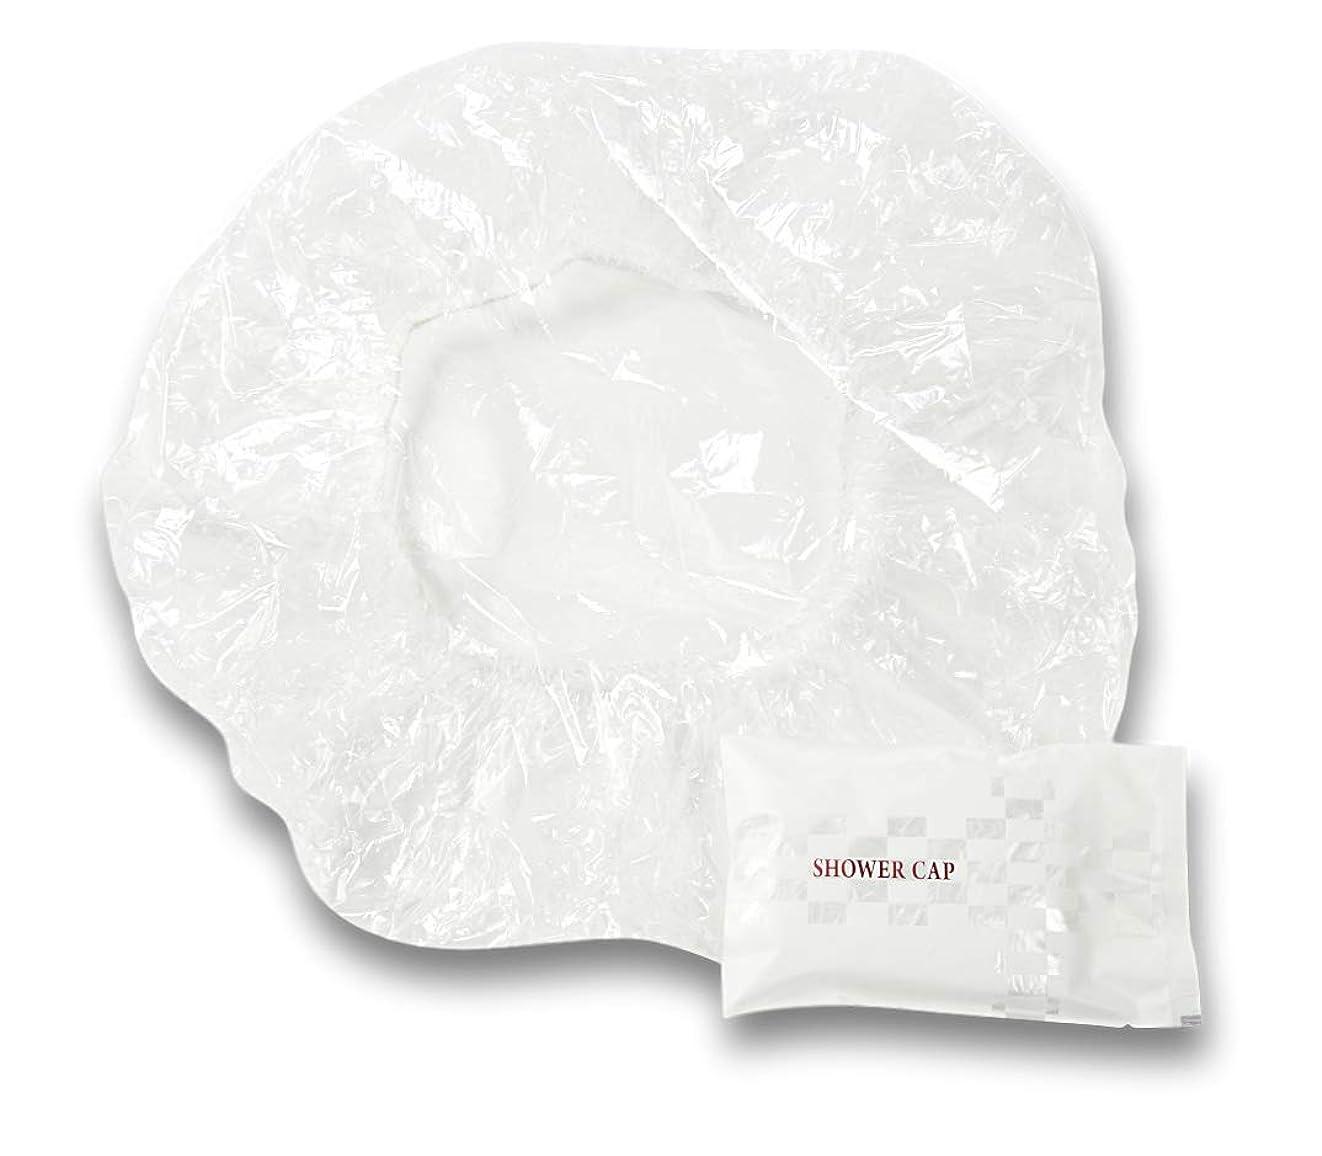 がっかりする正確ななめるラティス シャワーキャップ 業務用 個別包装100入り 使い捨てキャップ